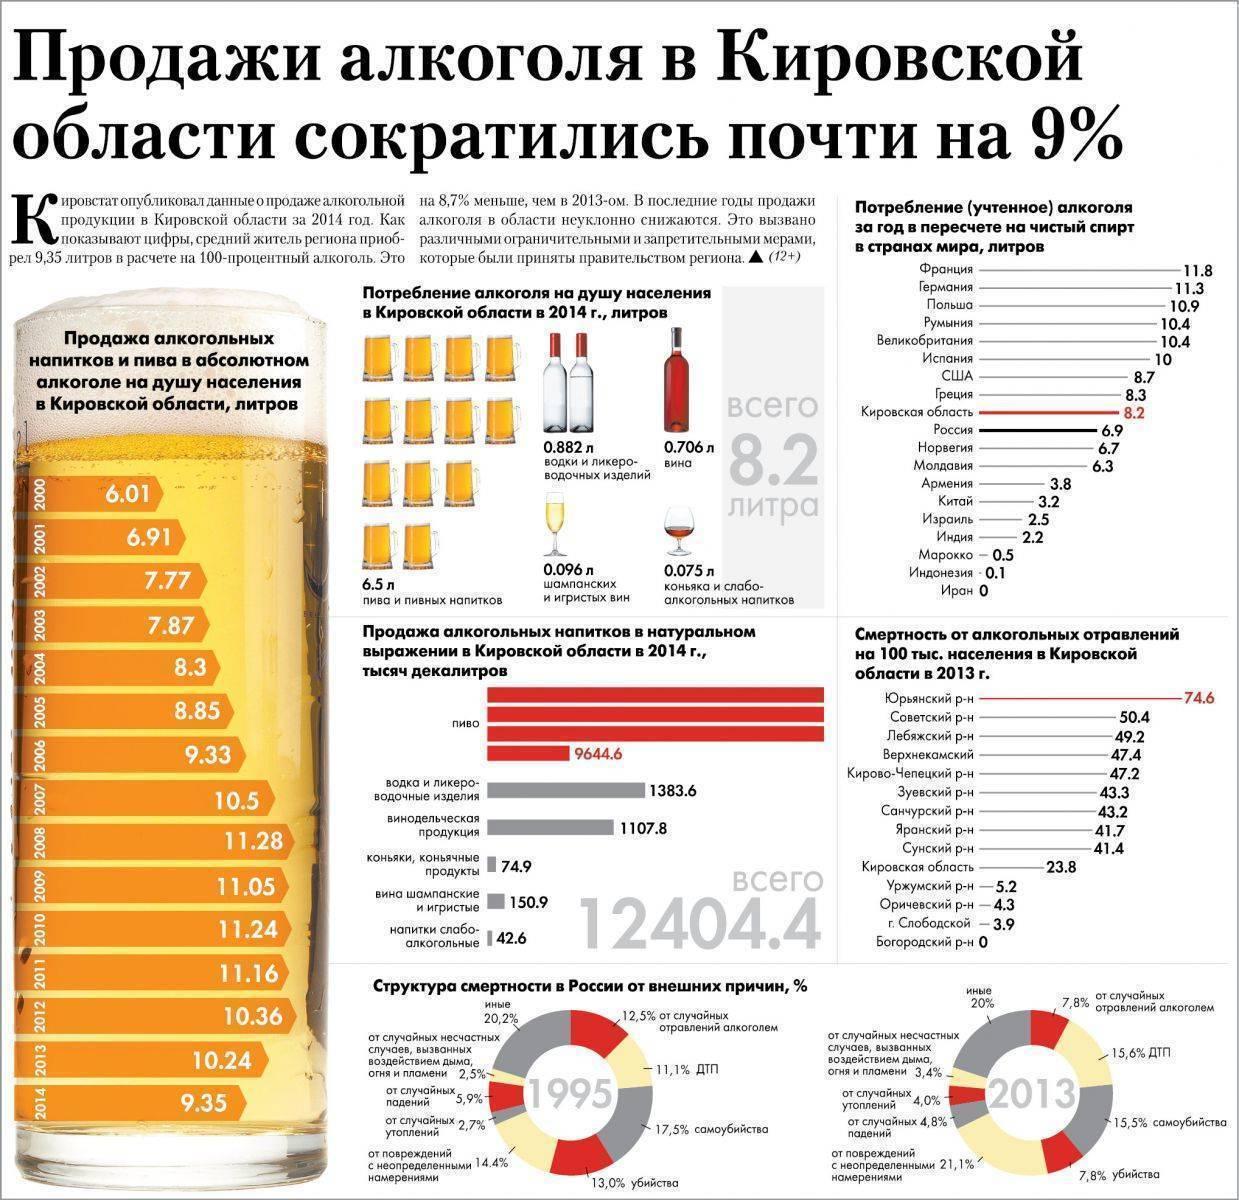 Для чего нужны и где брать коды видов алкогольной продукции?